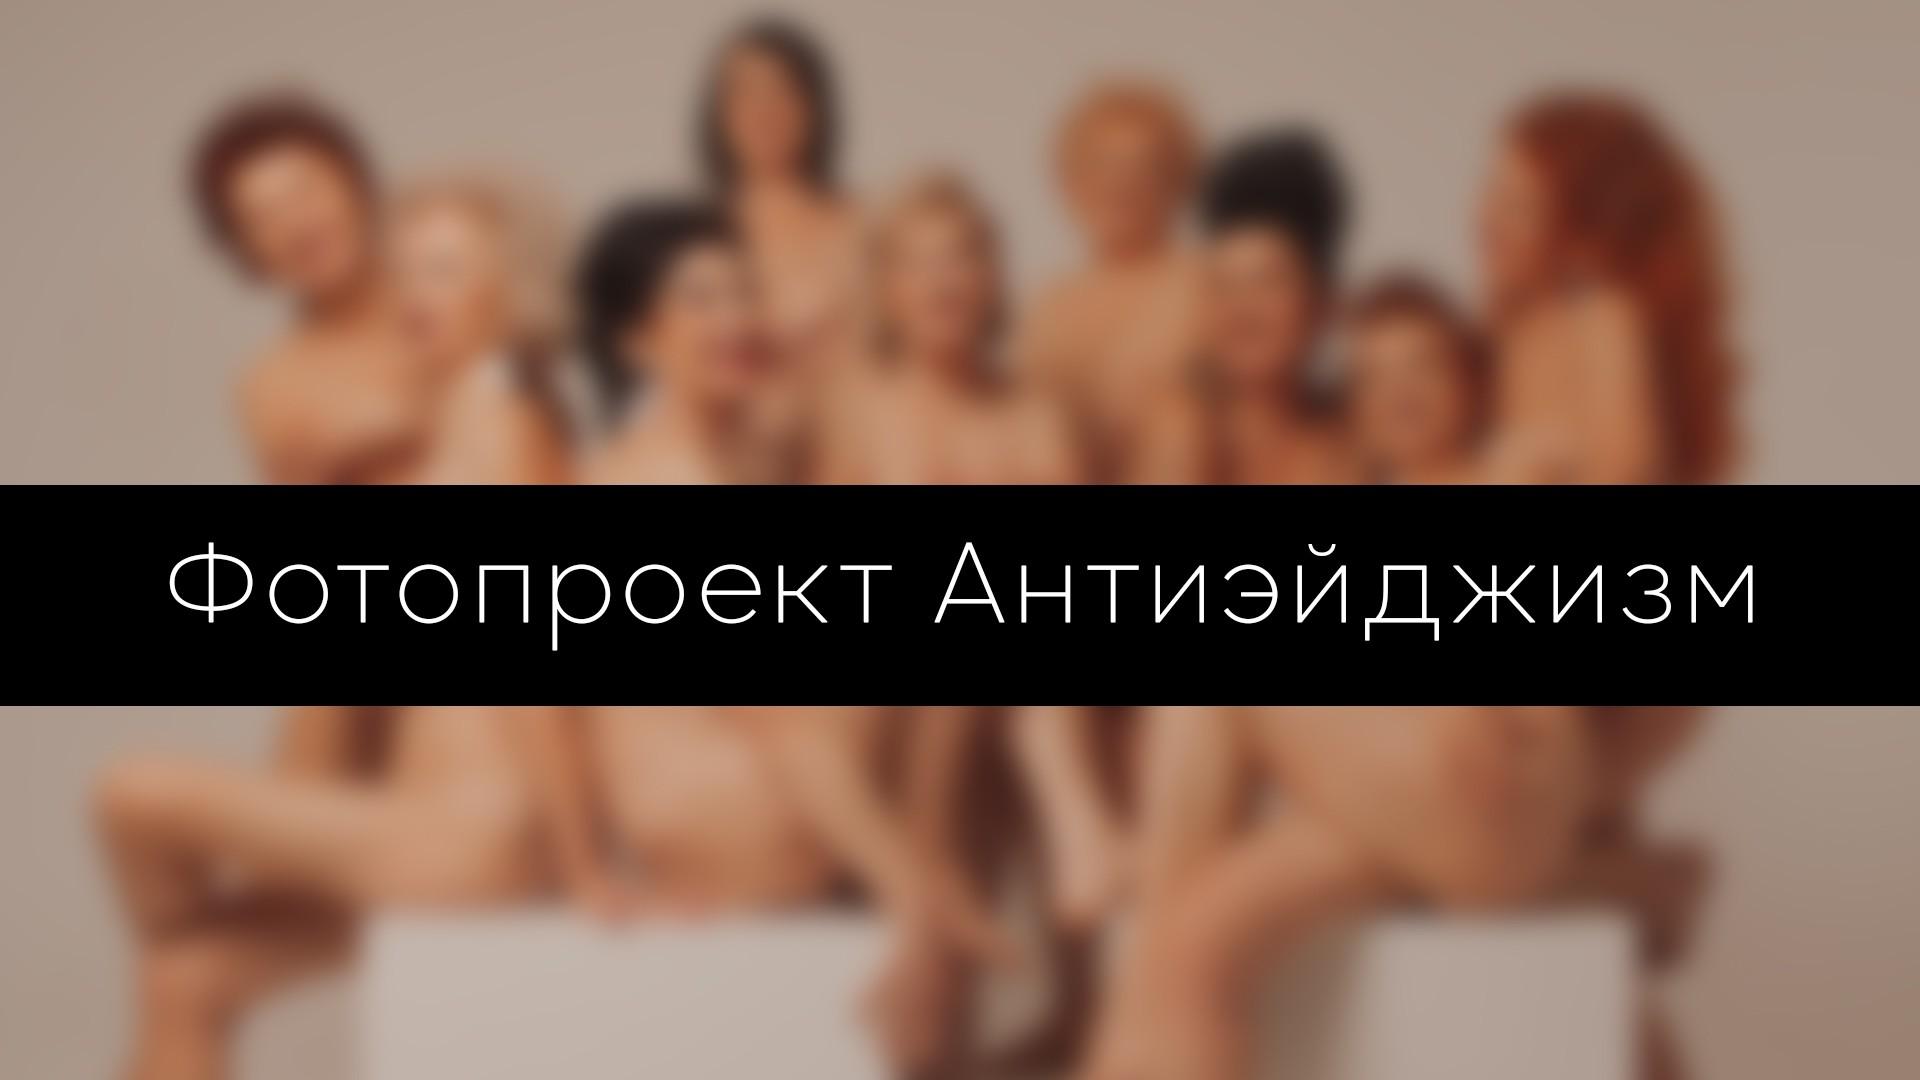 Фотопроект: антиэйджизм